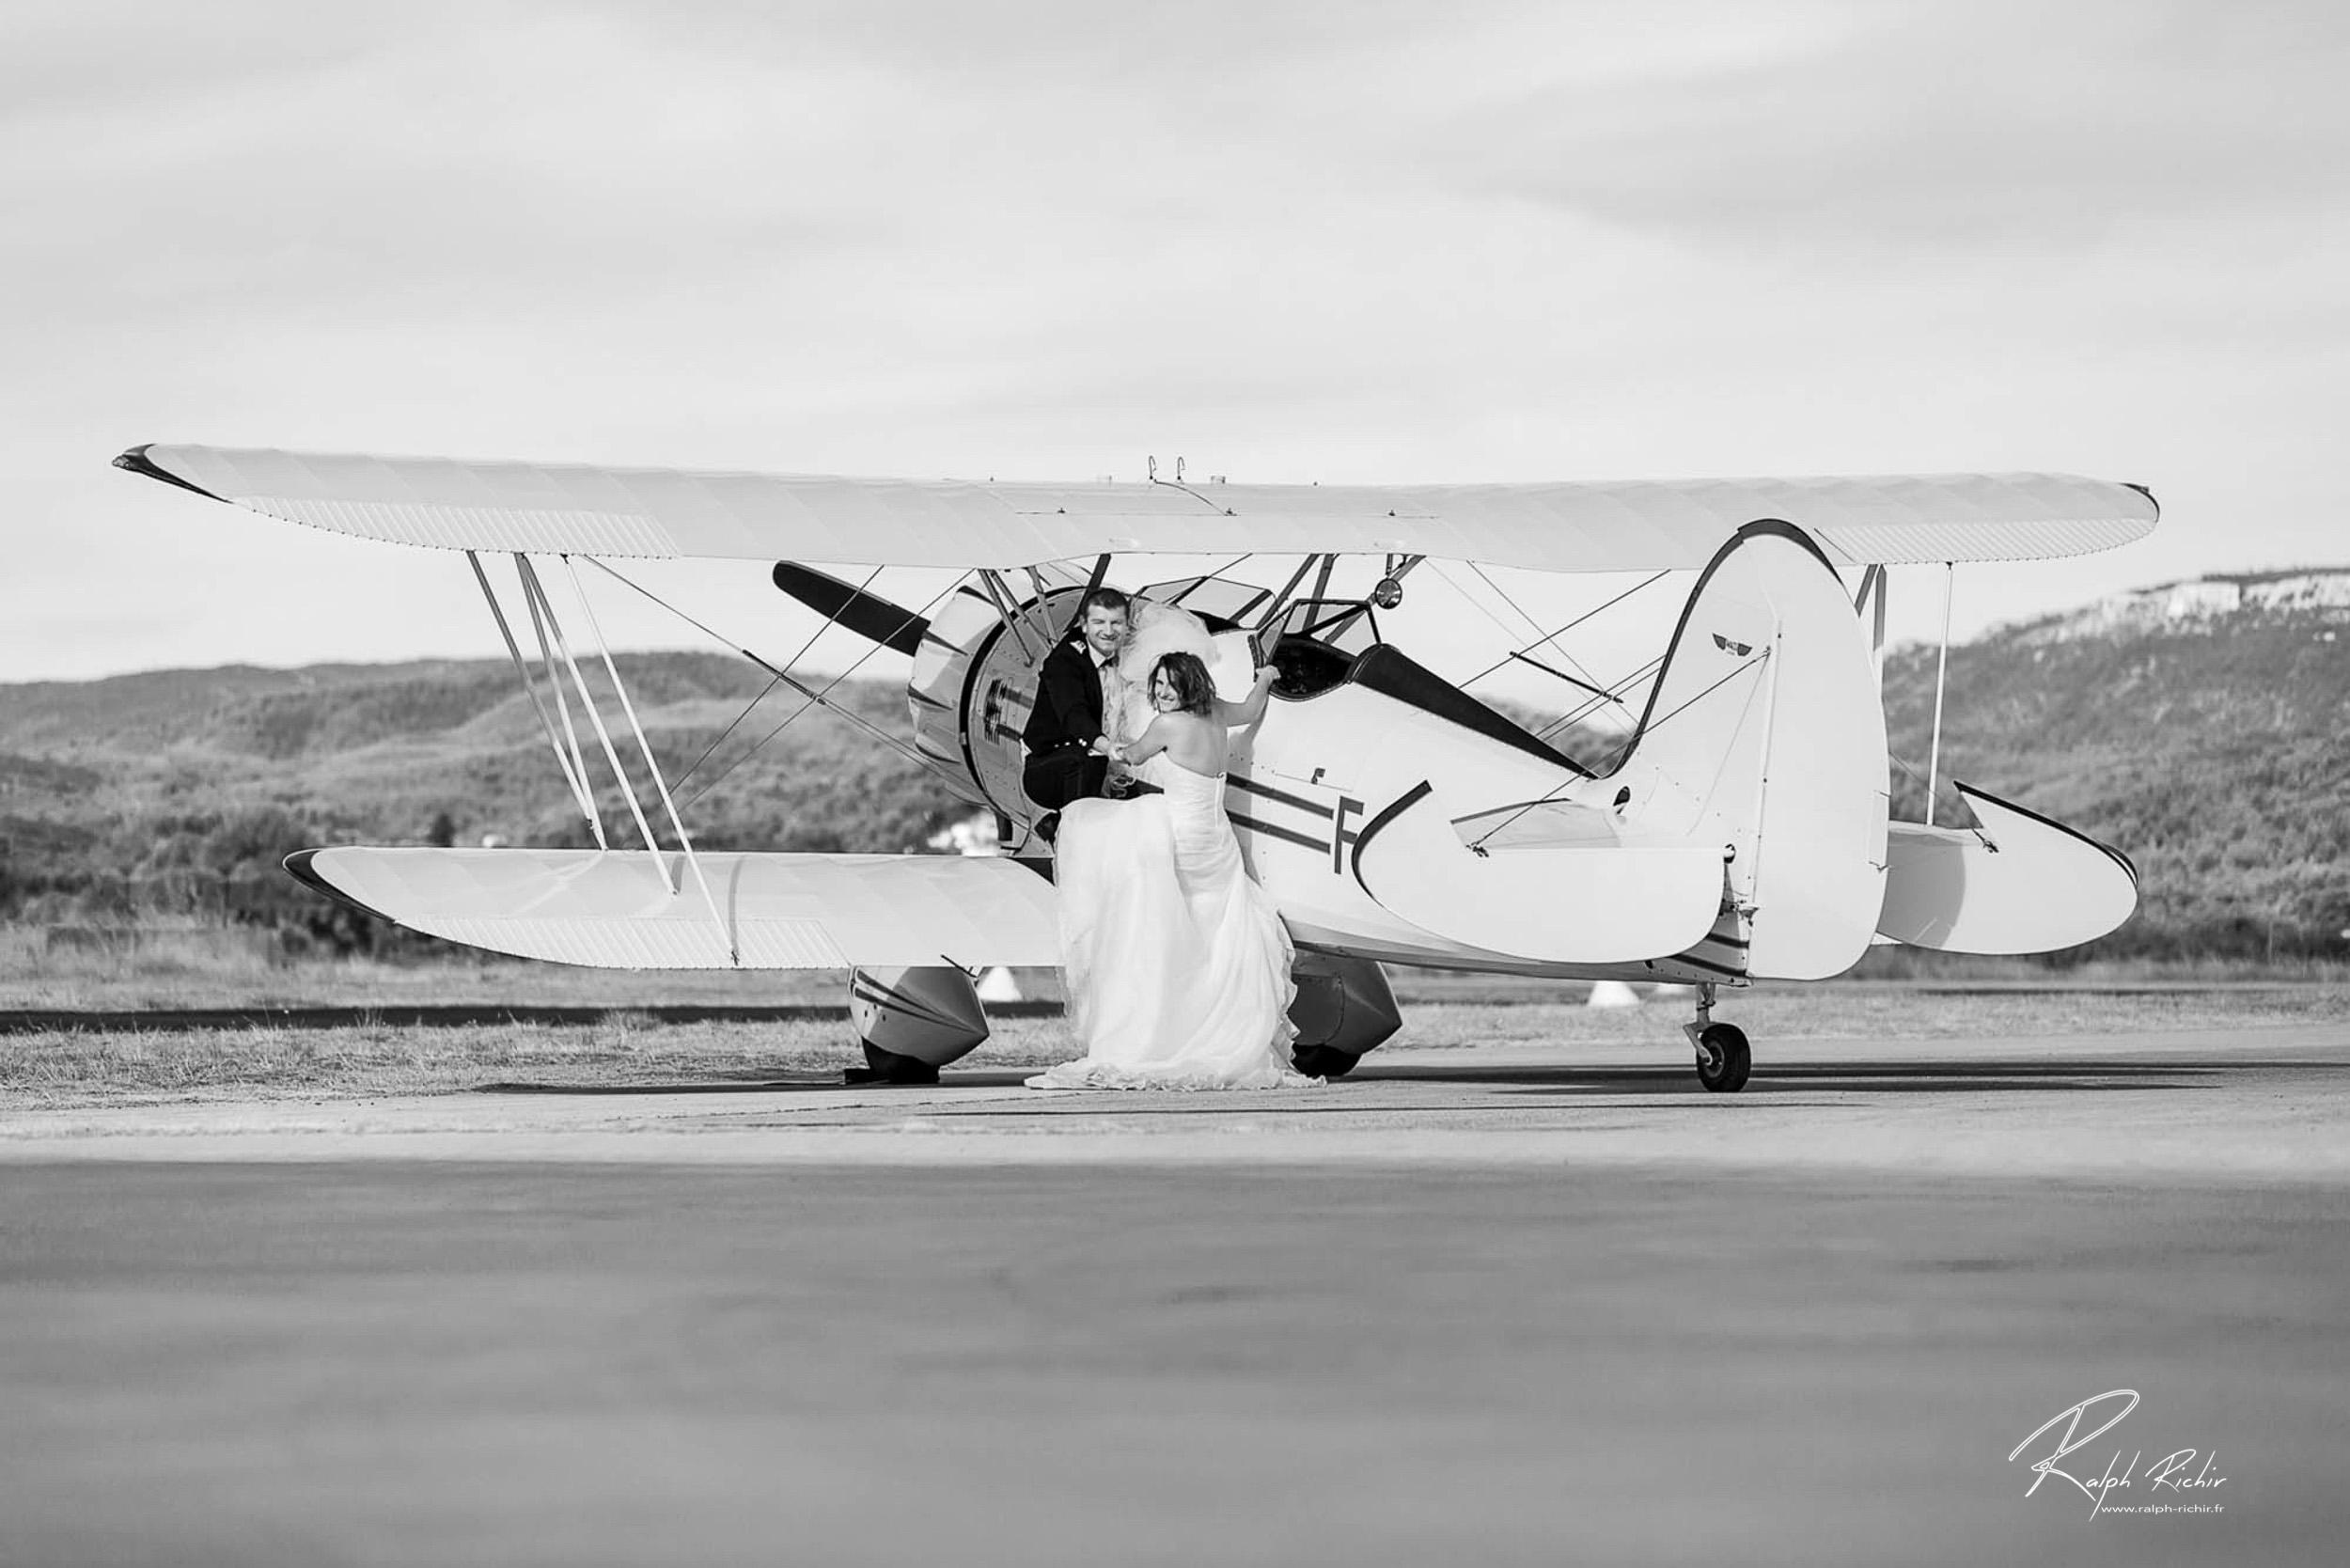 Photographe destination, mariage, Ralph Richir, www.ralph-richir.fr